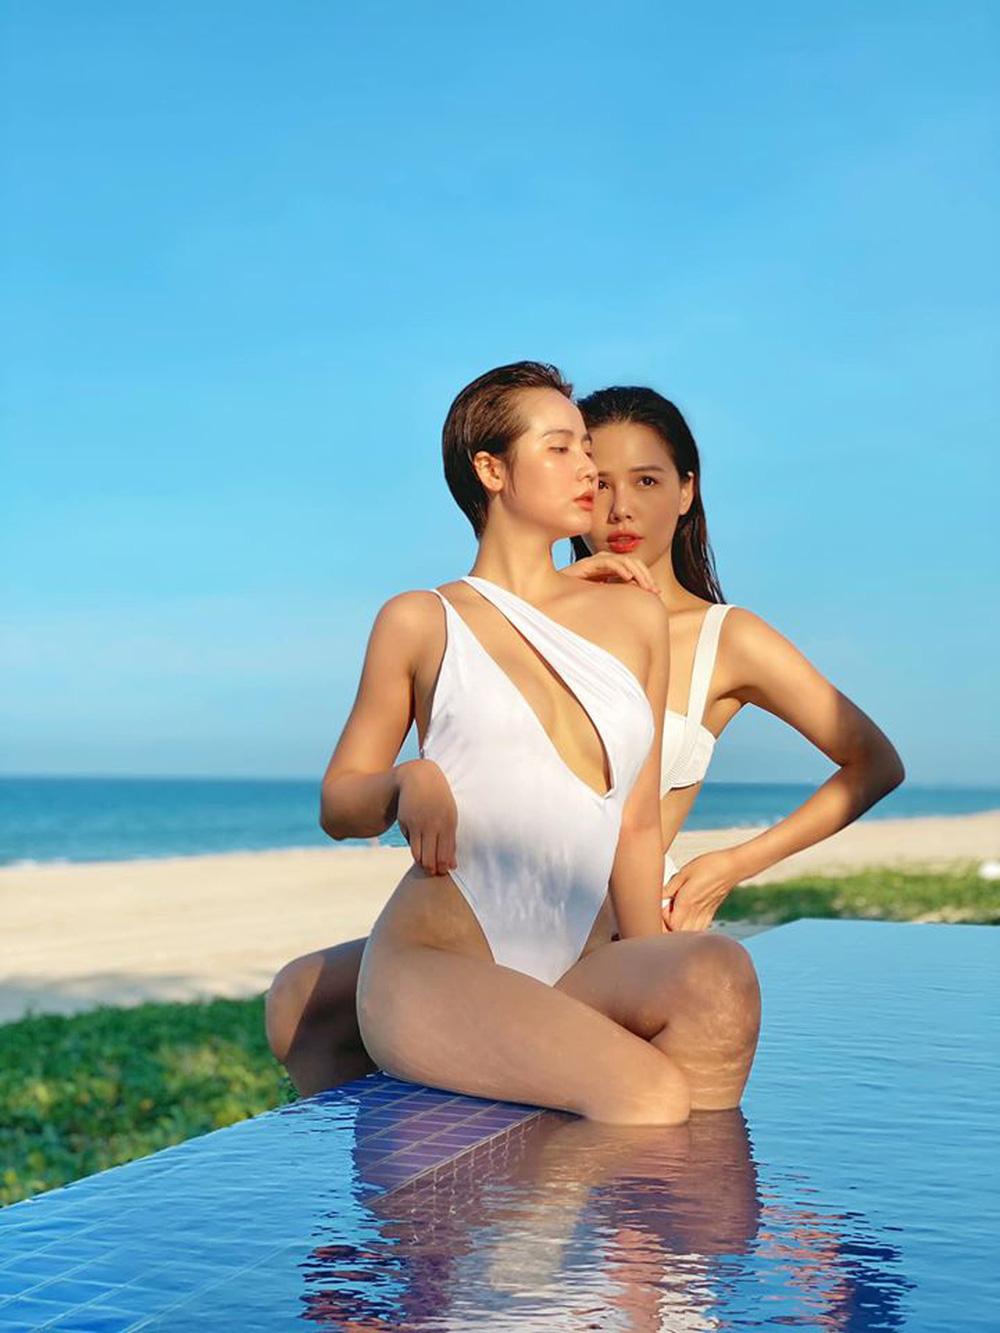 Phanh Lee và Huyền Lizzie kỷ niệm 7 năm tình bạn bằng bộ ảnh cực nóng bỏng - Ảnh 4.